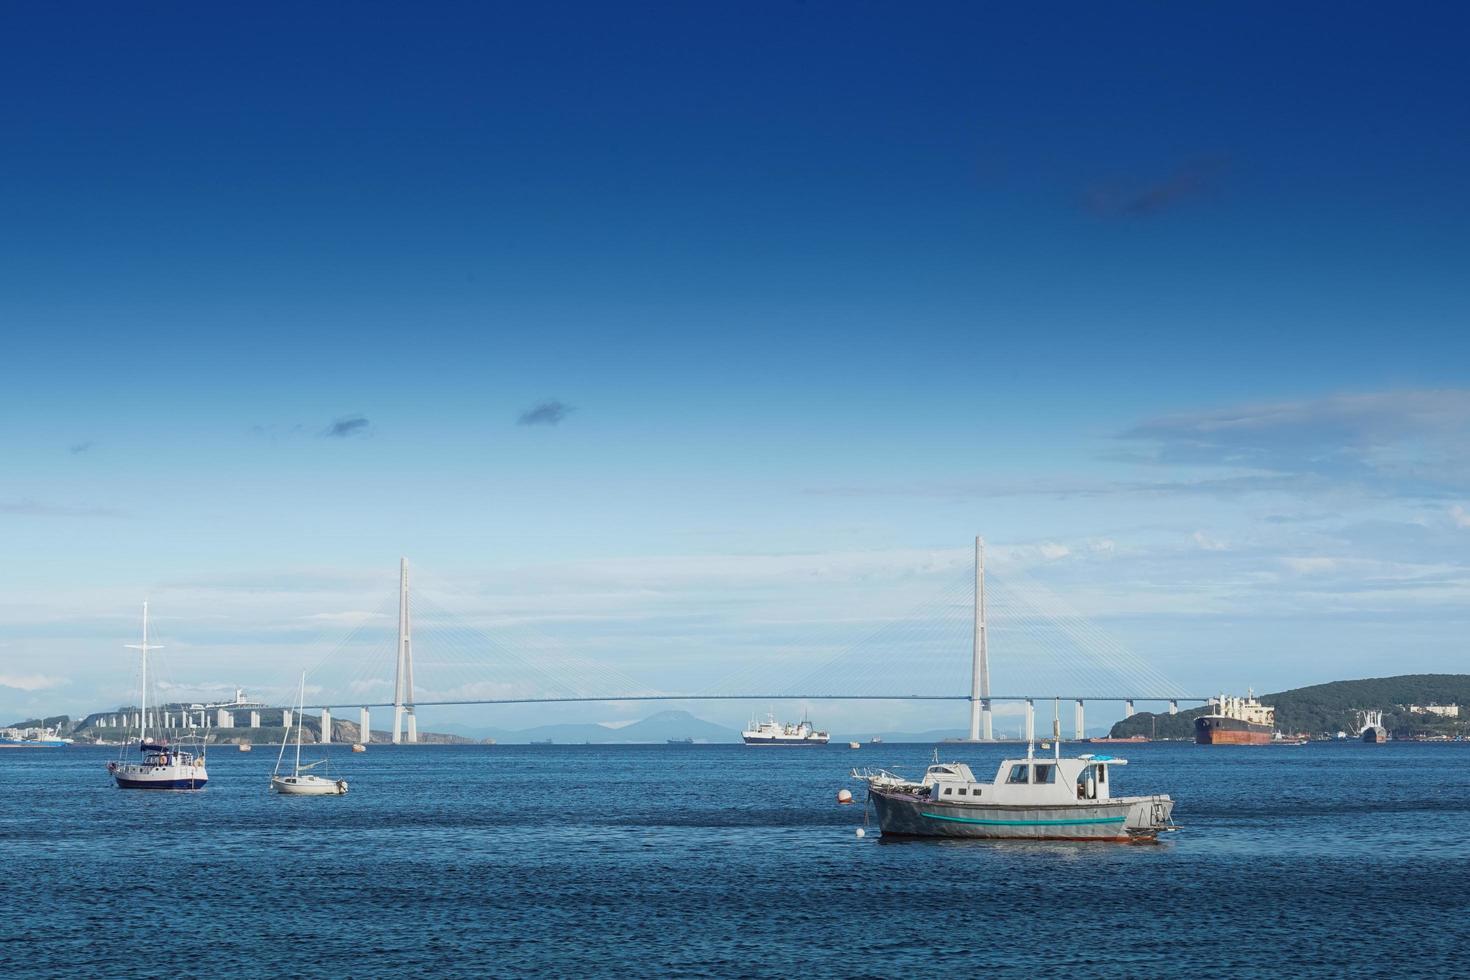 paisaje marino con vistas al puente ruso y a los barcos. foto